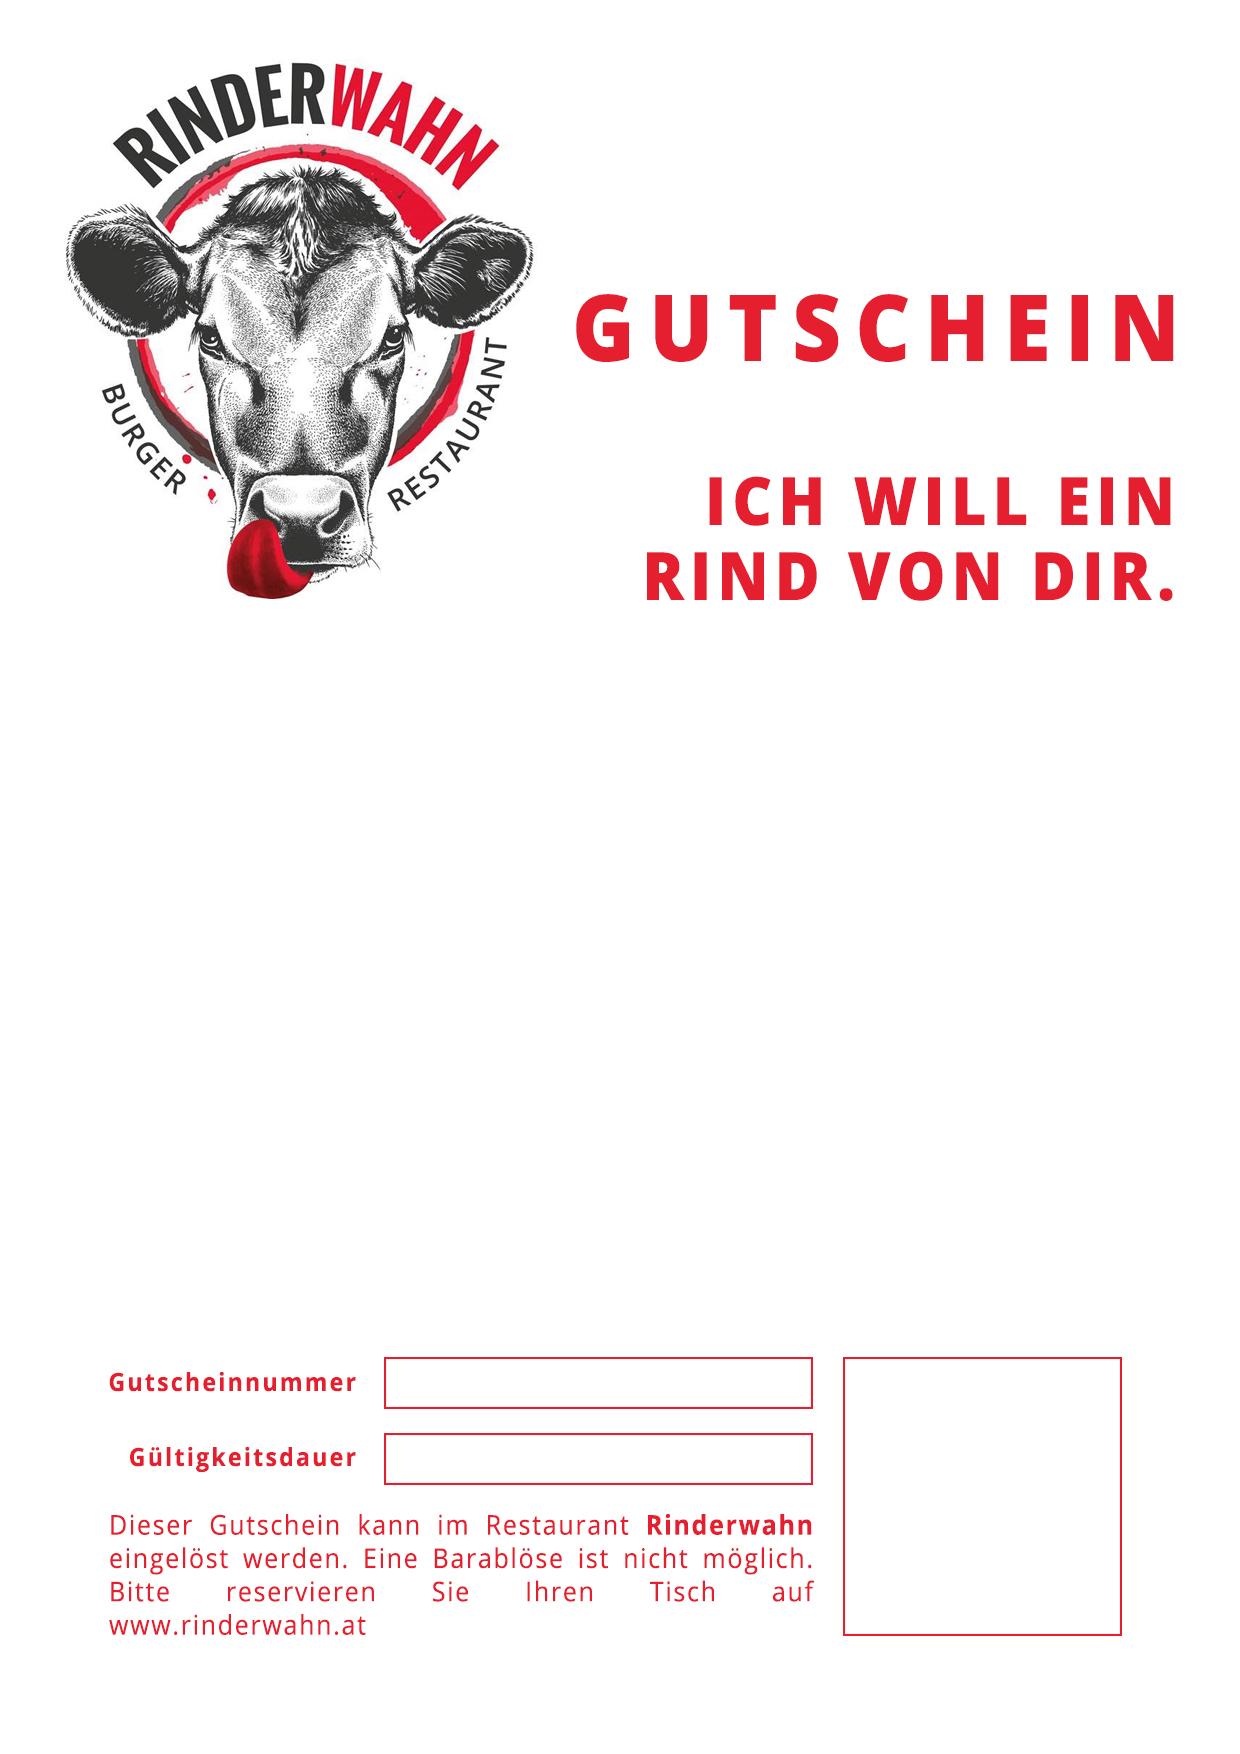 Rinderwahn - Geschenkgutschein zum Selbstausdrucken | Restaurant ...